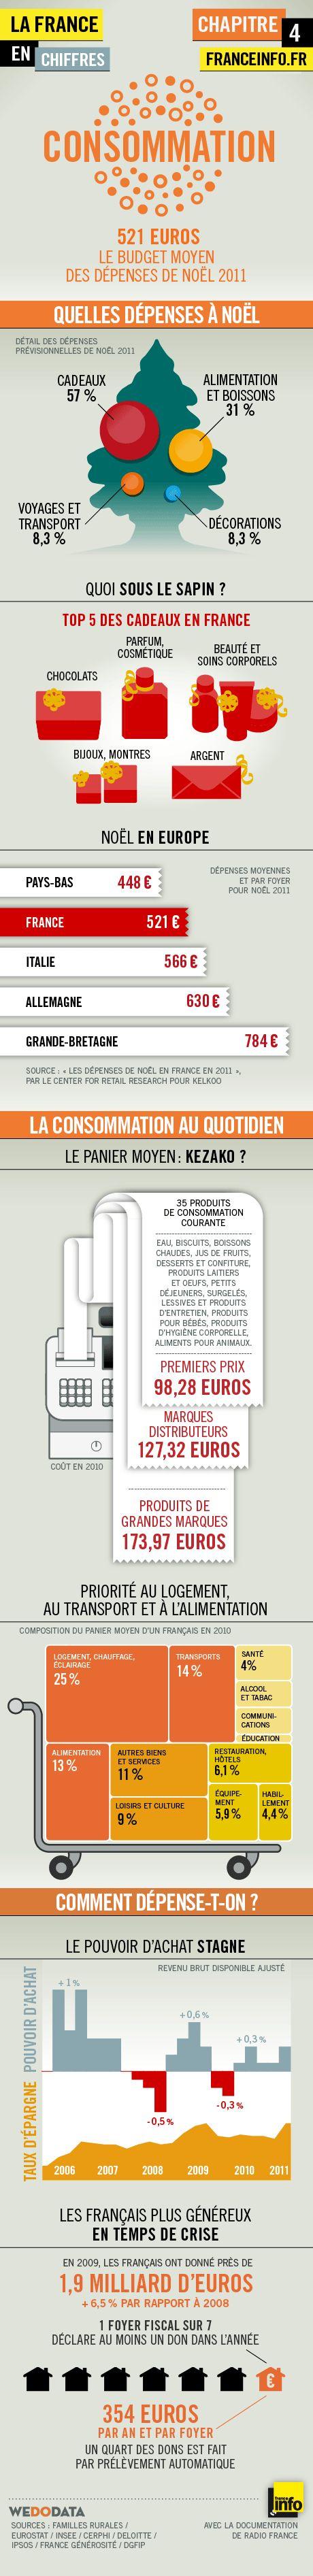 Infographies | La France en chiffres : la consommation - France Info